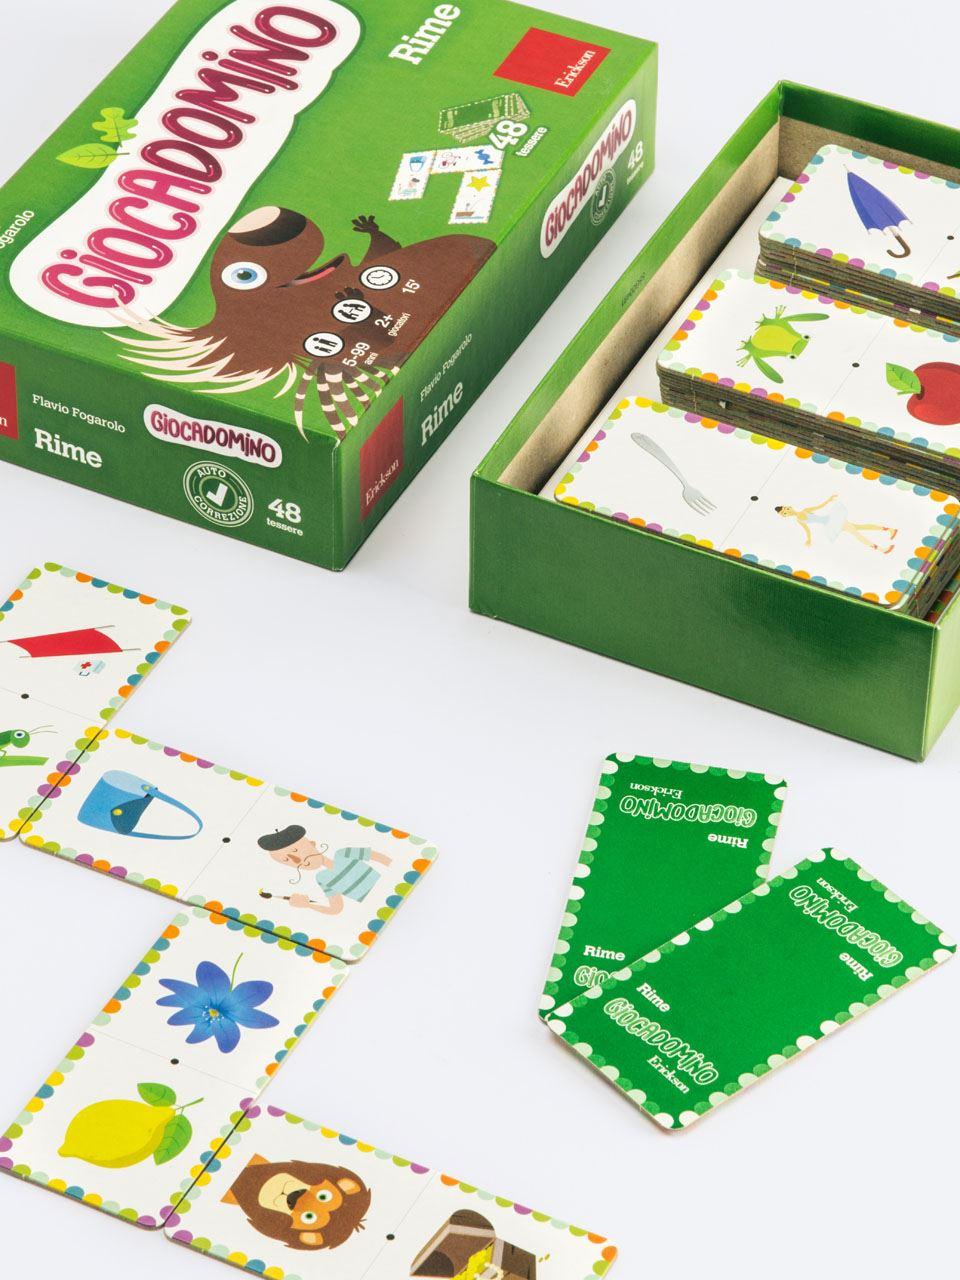 Giocadomino - Rime - Giochi - Erickson 2